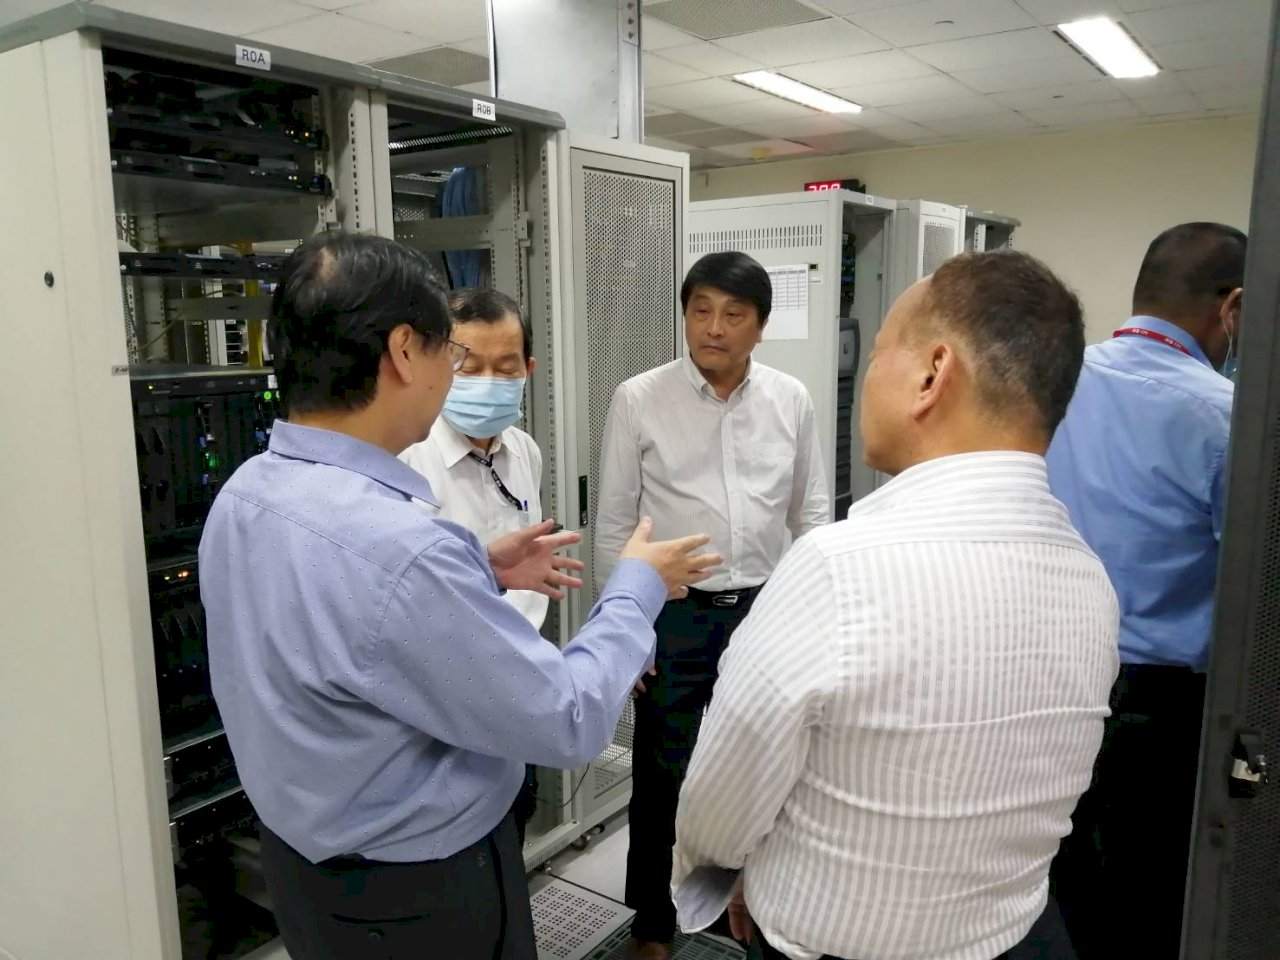 加油站遭駭事件 台灣中油承諾加強資安防護管理